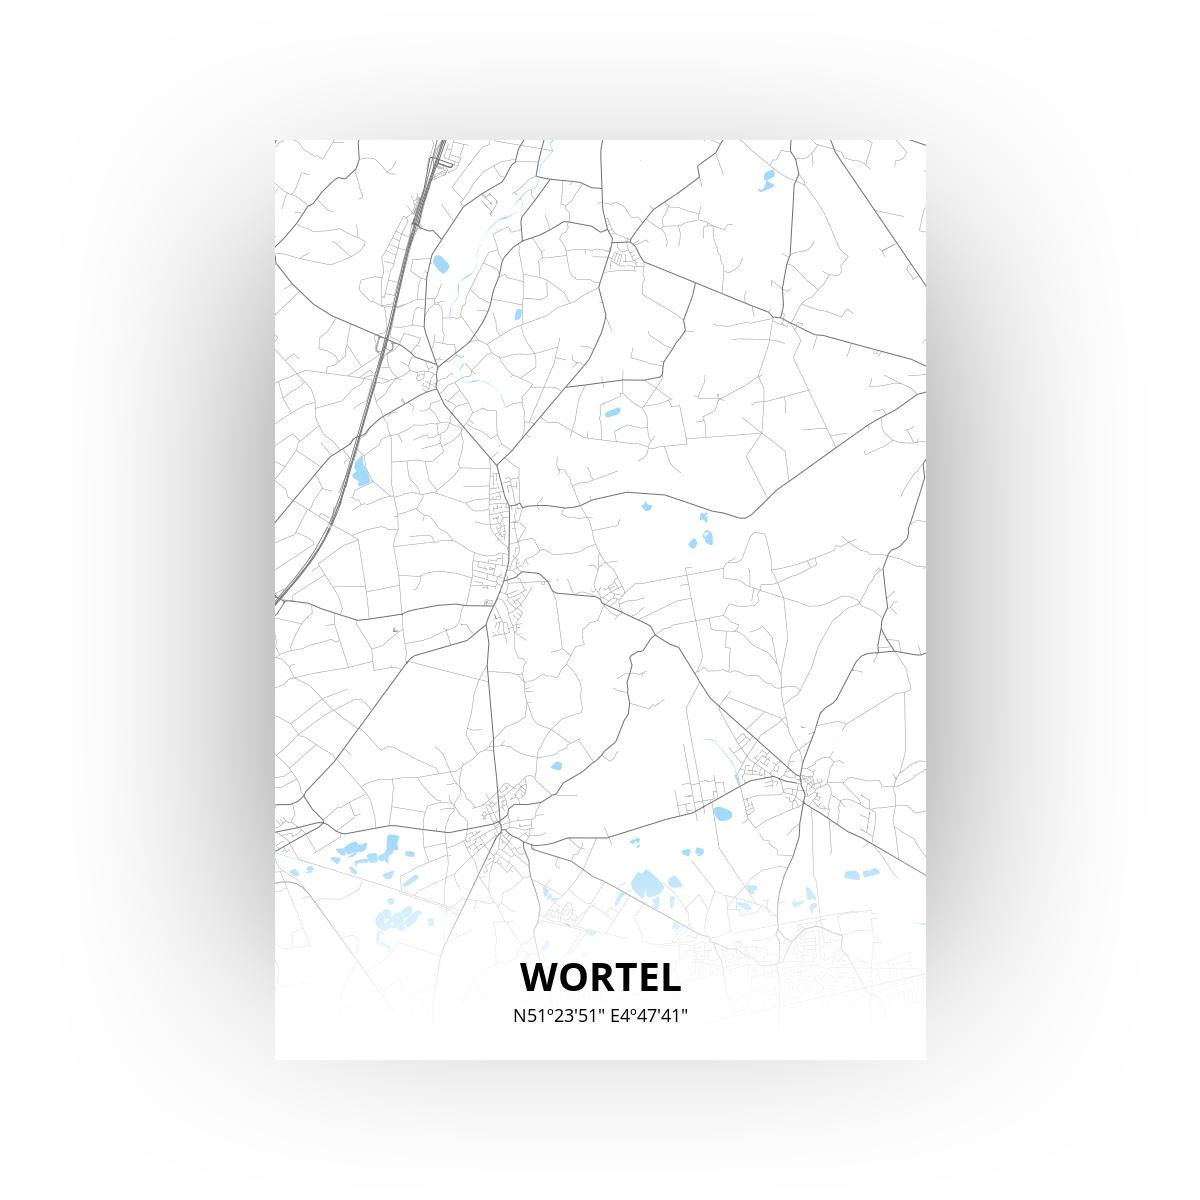 Wortel poster - Zelf aan te passen!